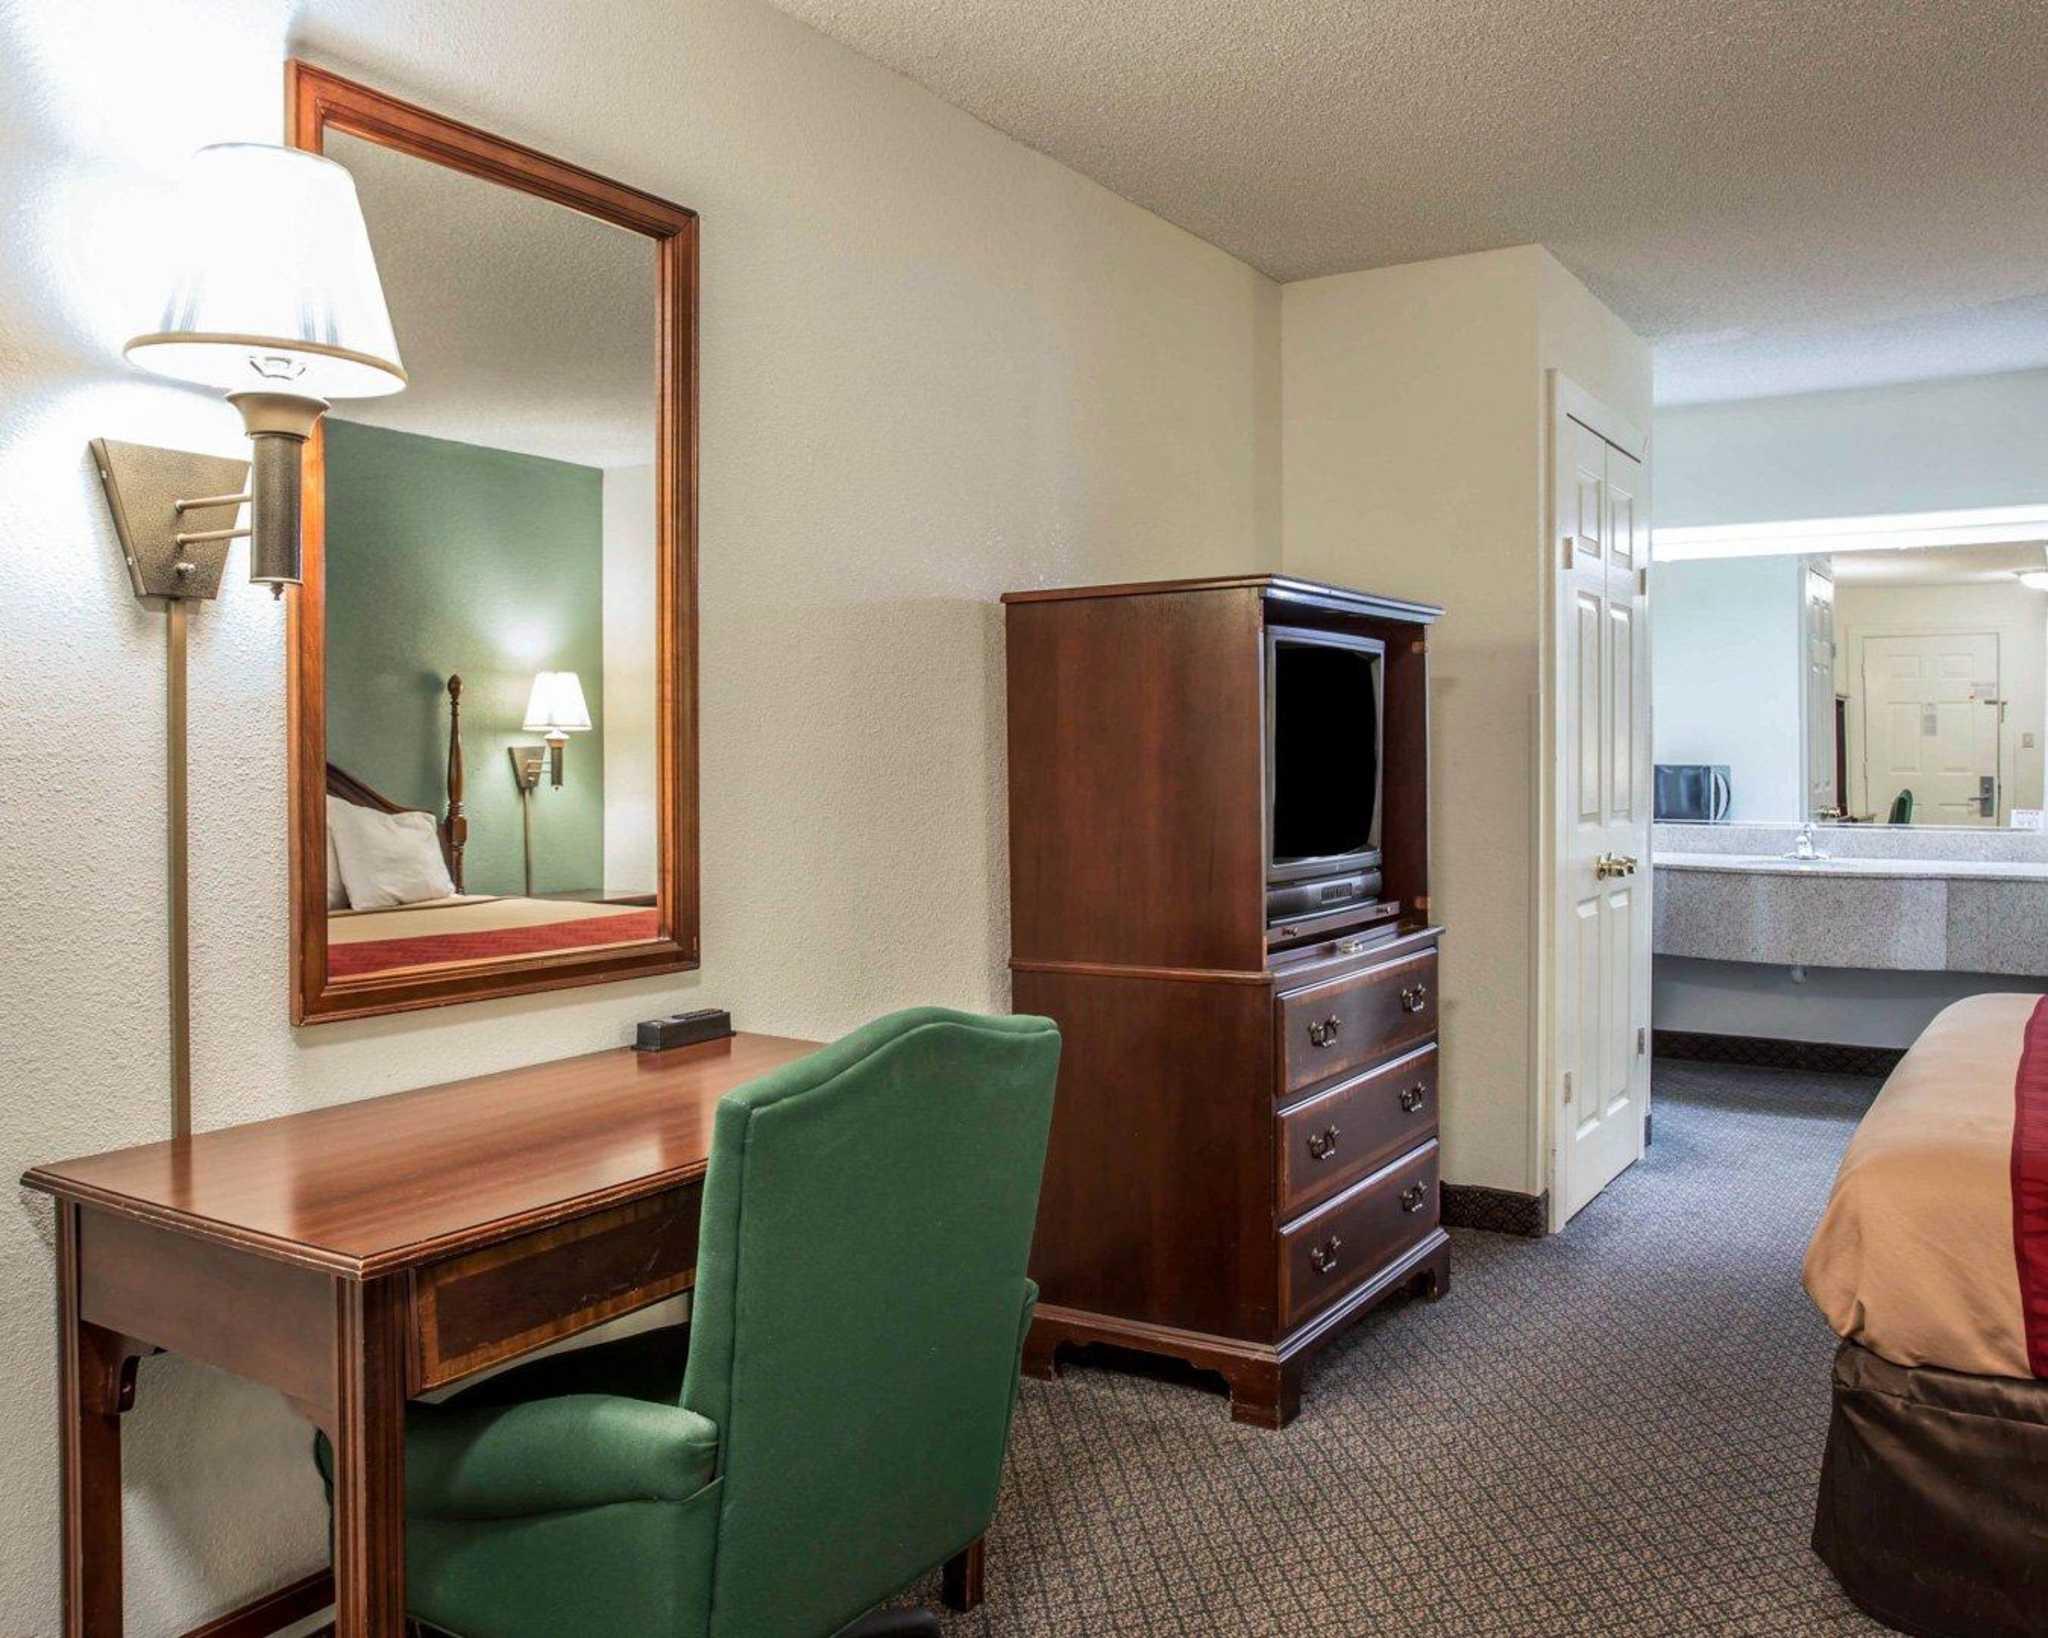 Hotel Rooms In Cornelius Nc